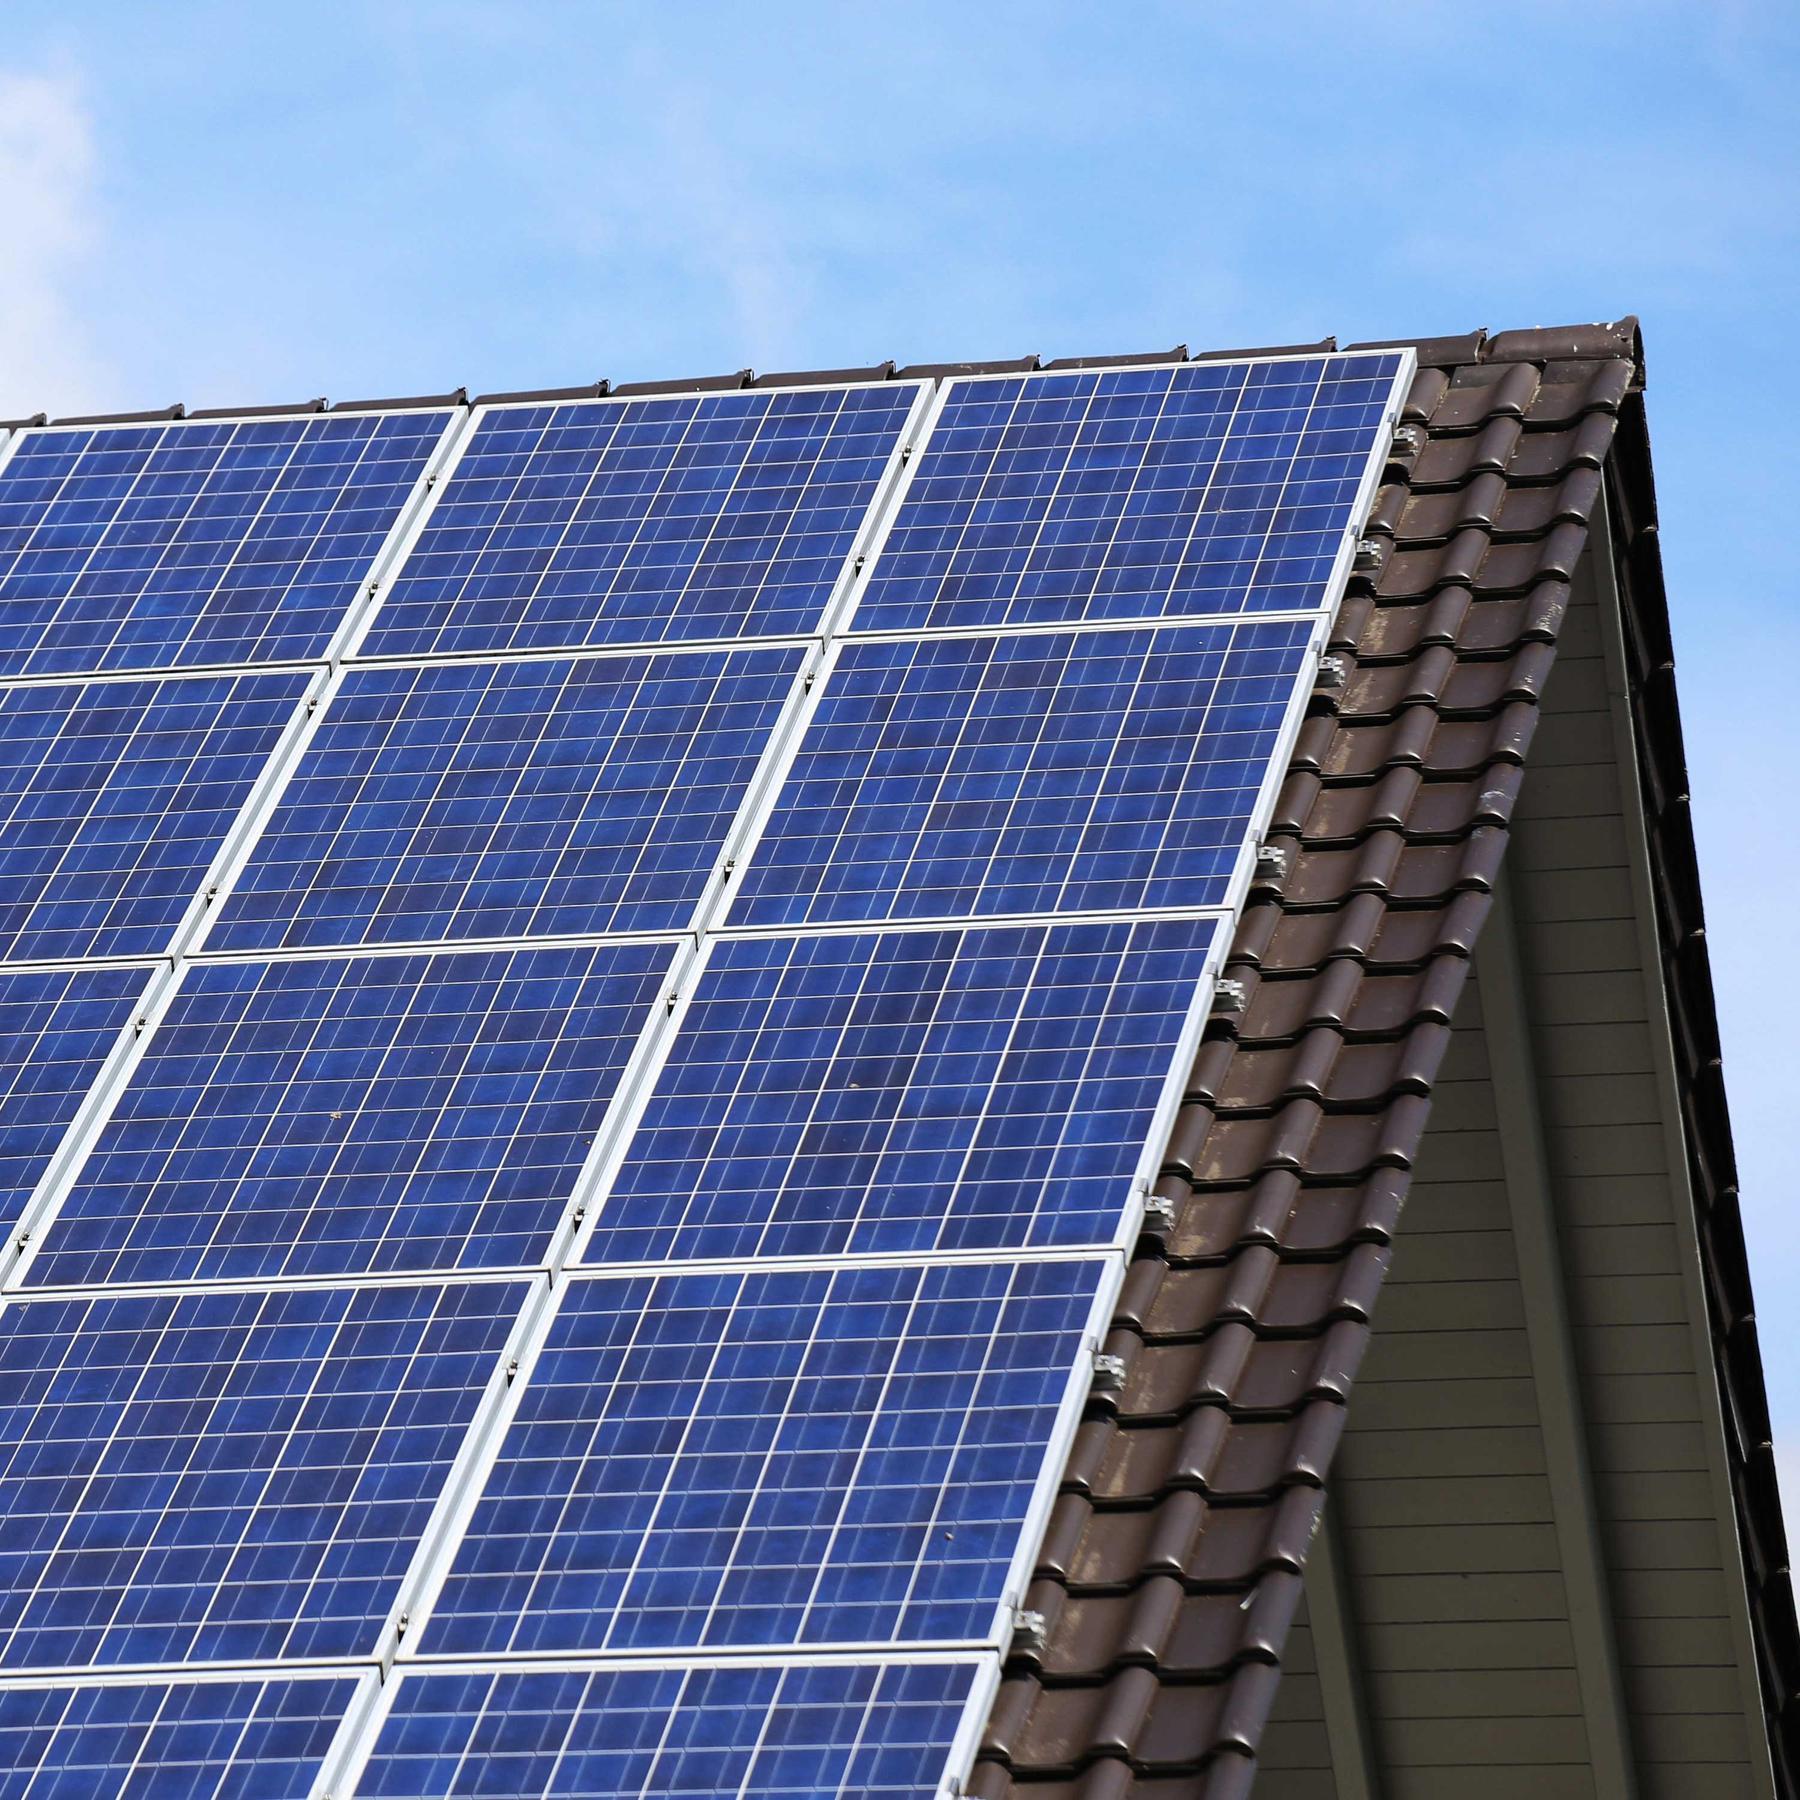 Intersolar - Deutschlands Solarbranche im Aufwind